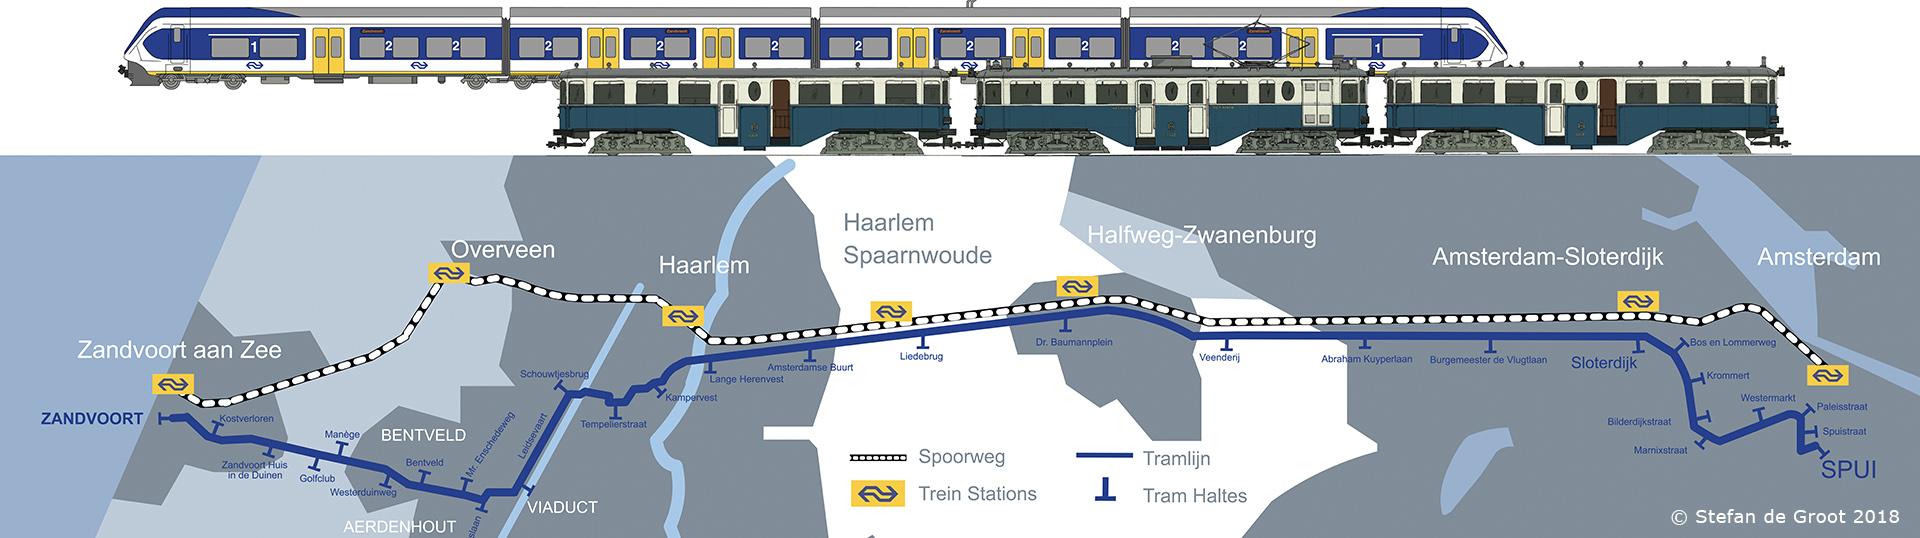 Tramlijn Amsterdam-Haarlem-Zandvoort Stefan de Groot